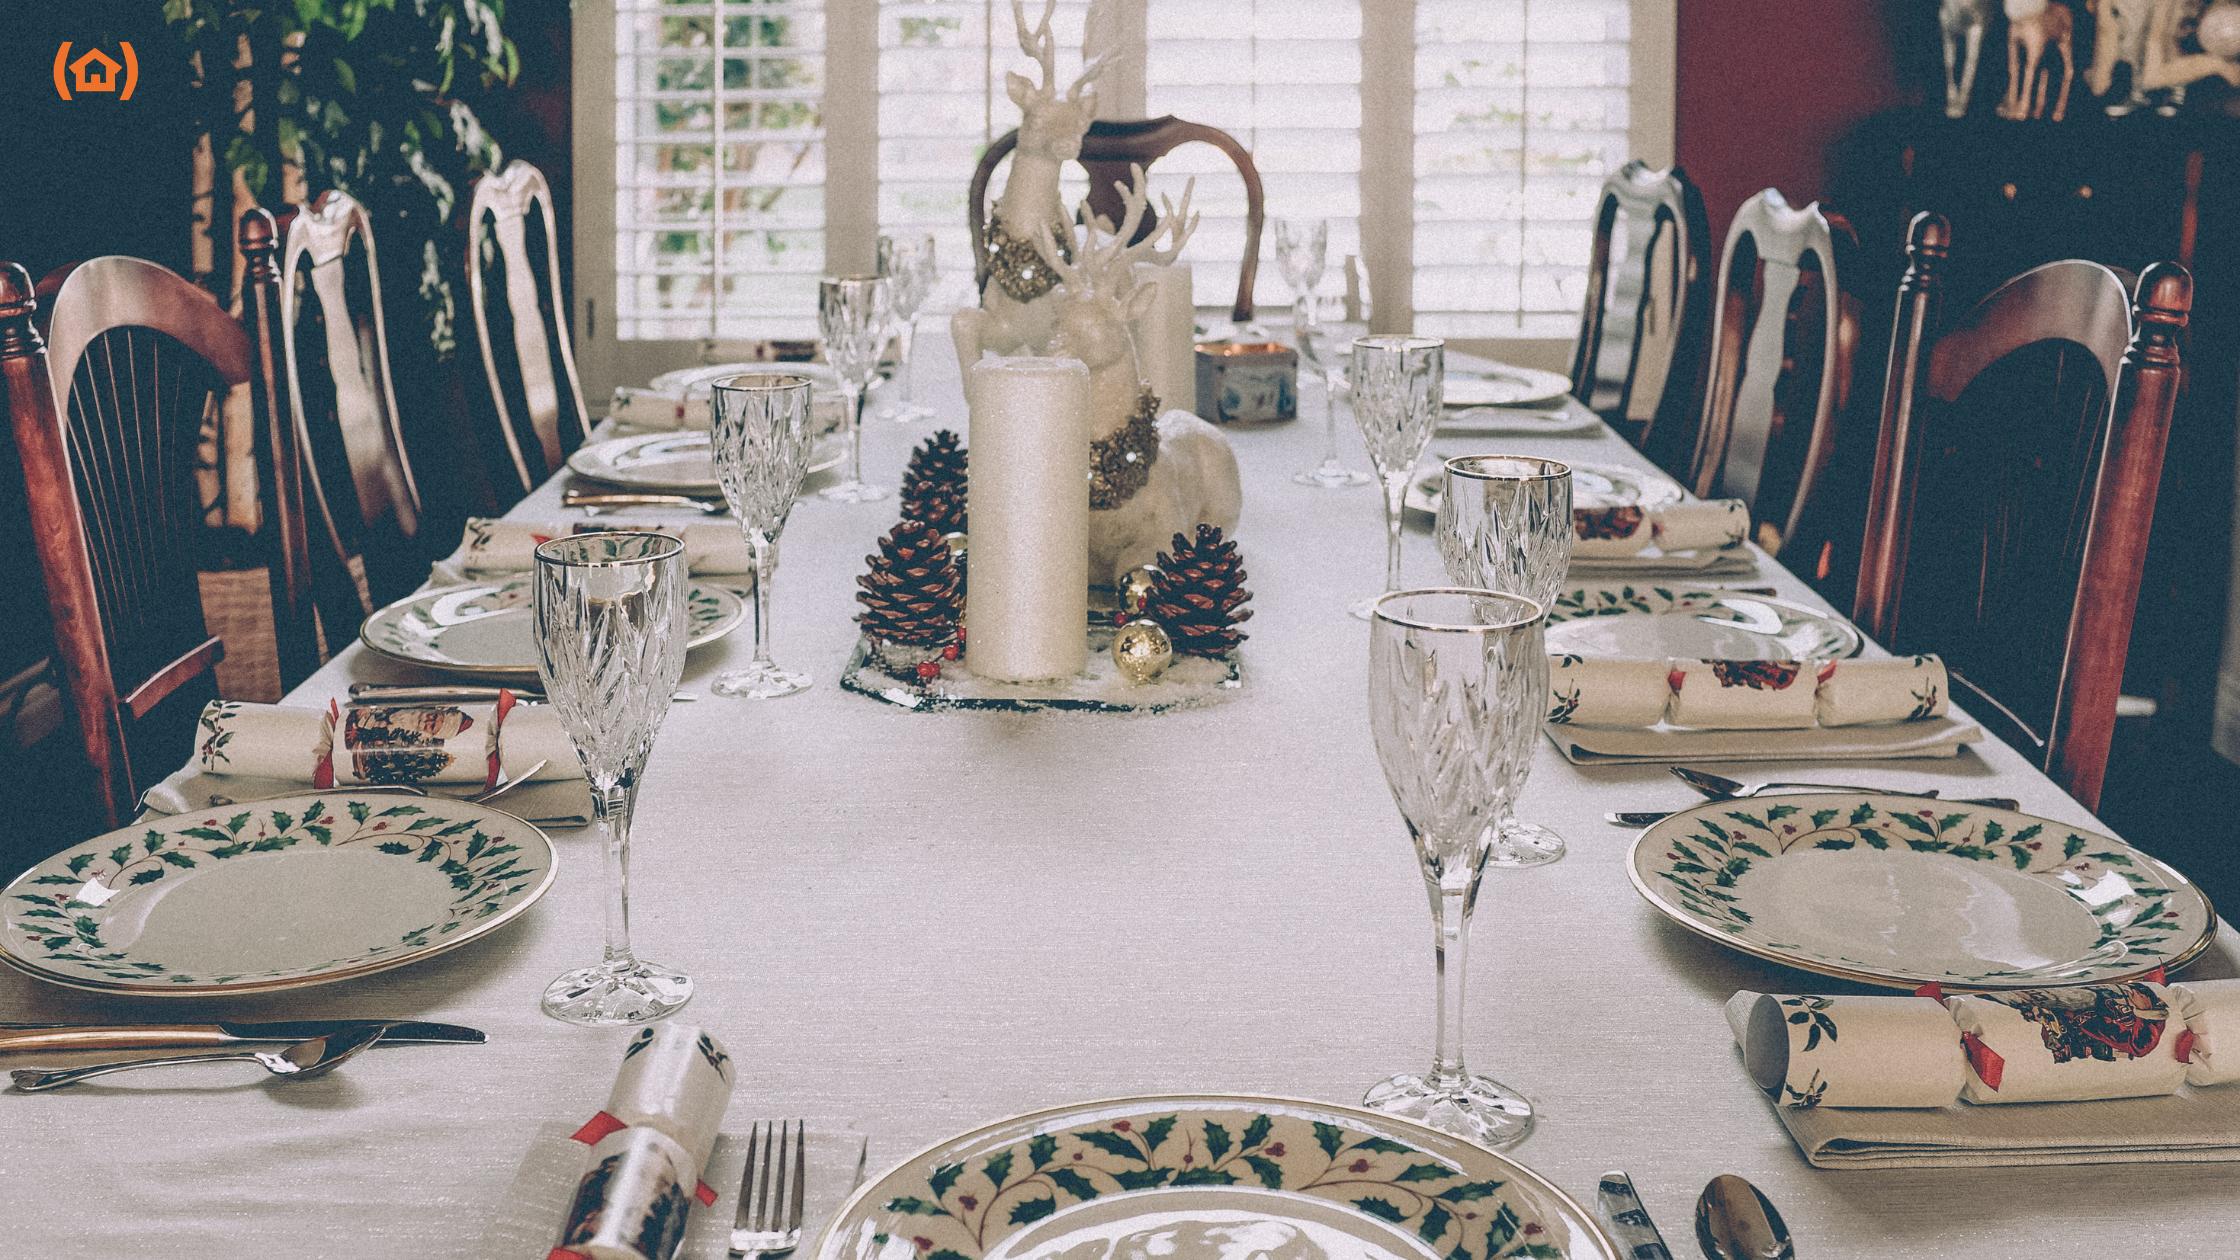 Descubre los consejos para preparar una comida de Navidad adaptada a personas mayores.